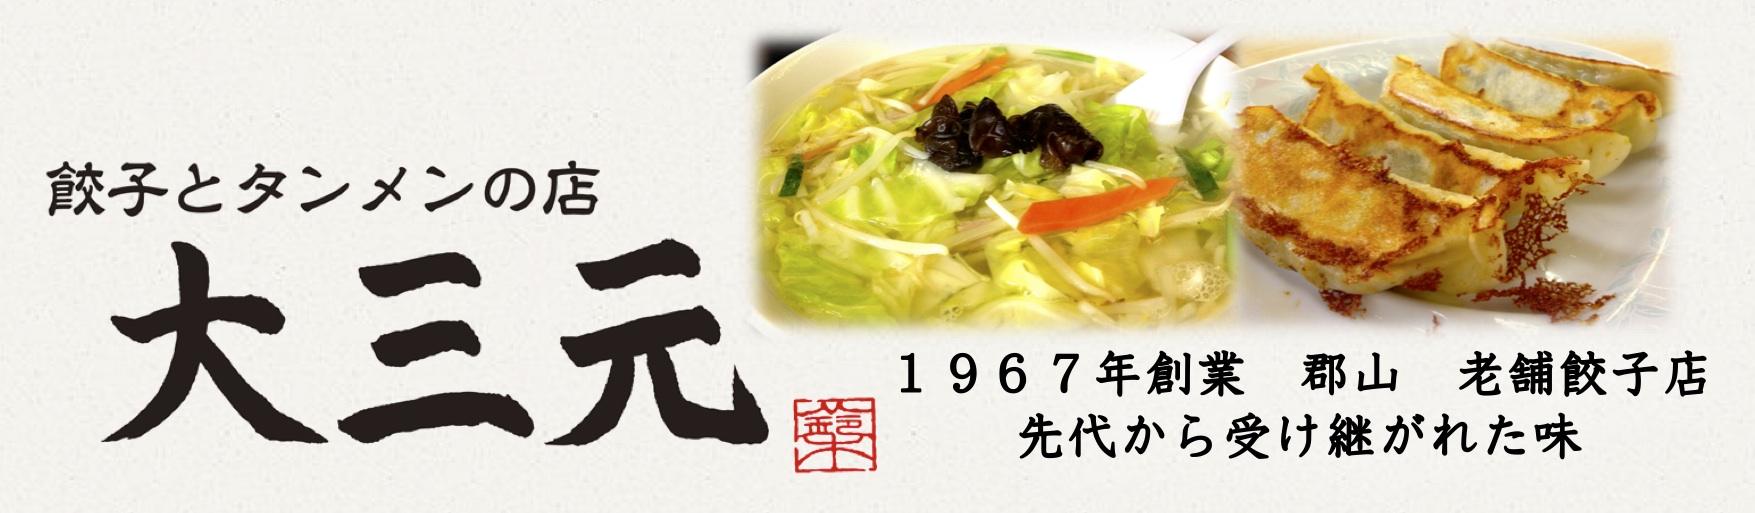 餃子とタンメンの店 大三元 郡山で老舗の餃子とタンメンのお店